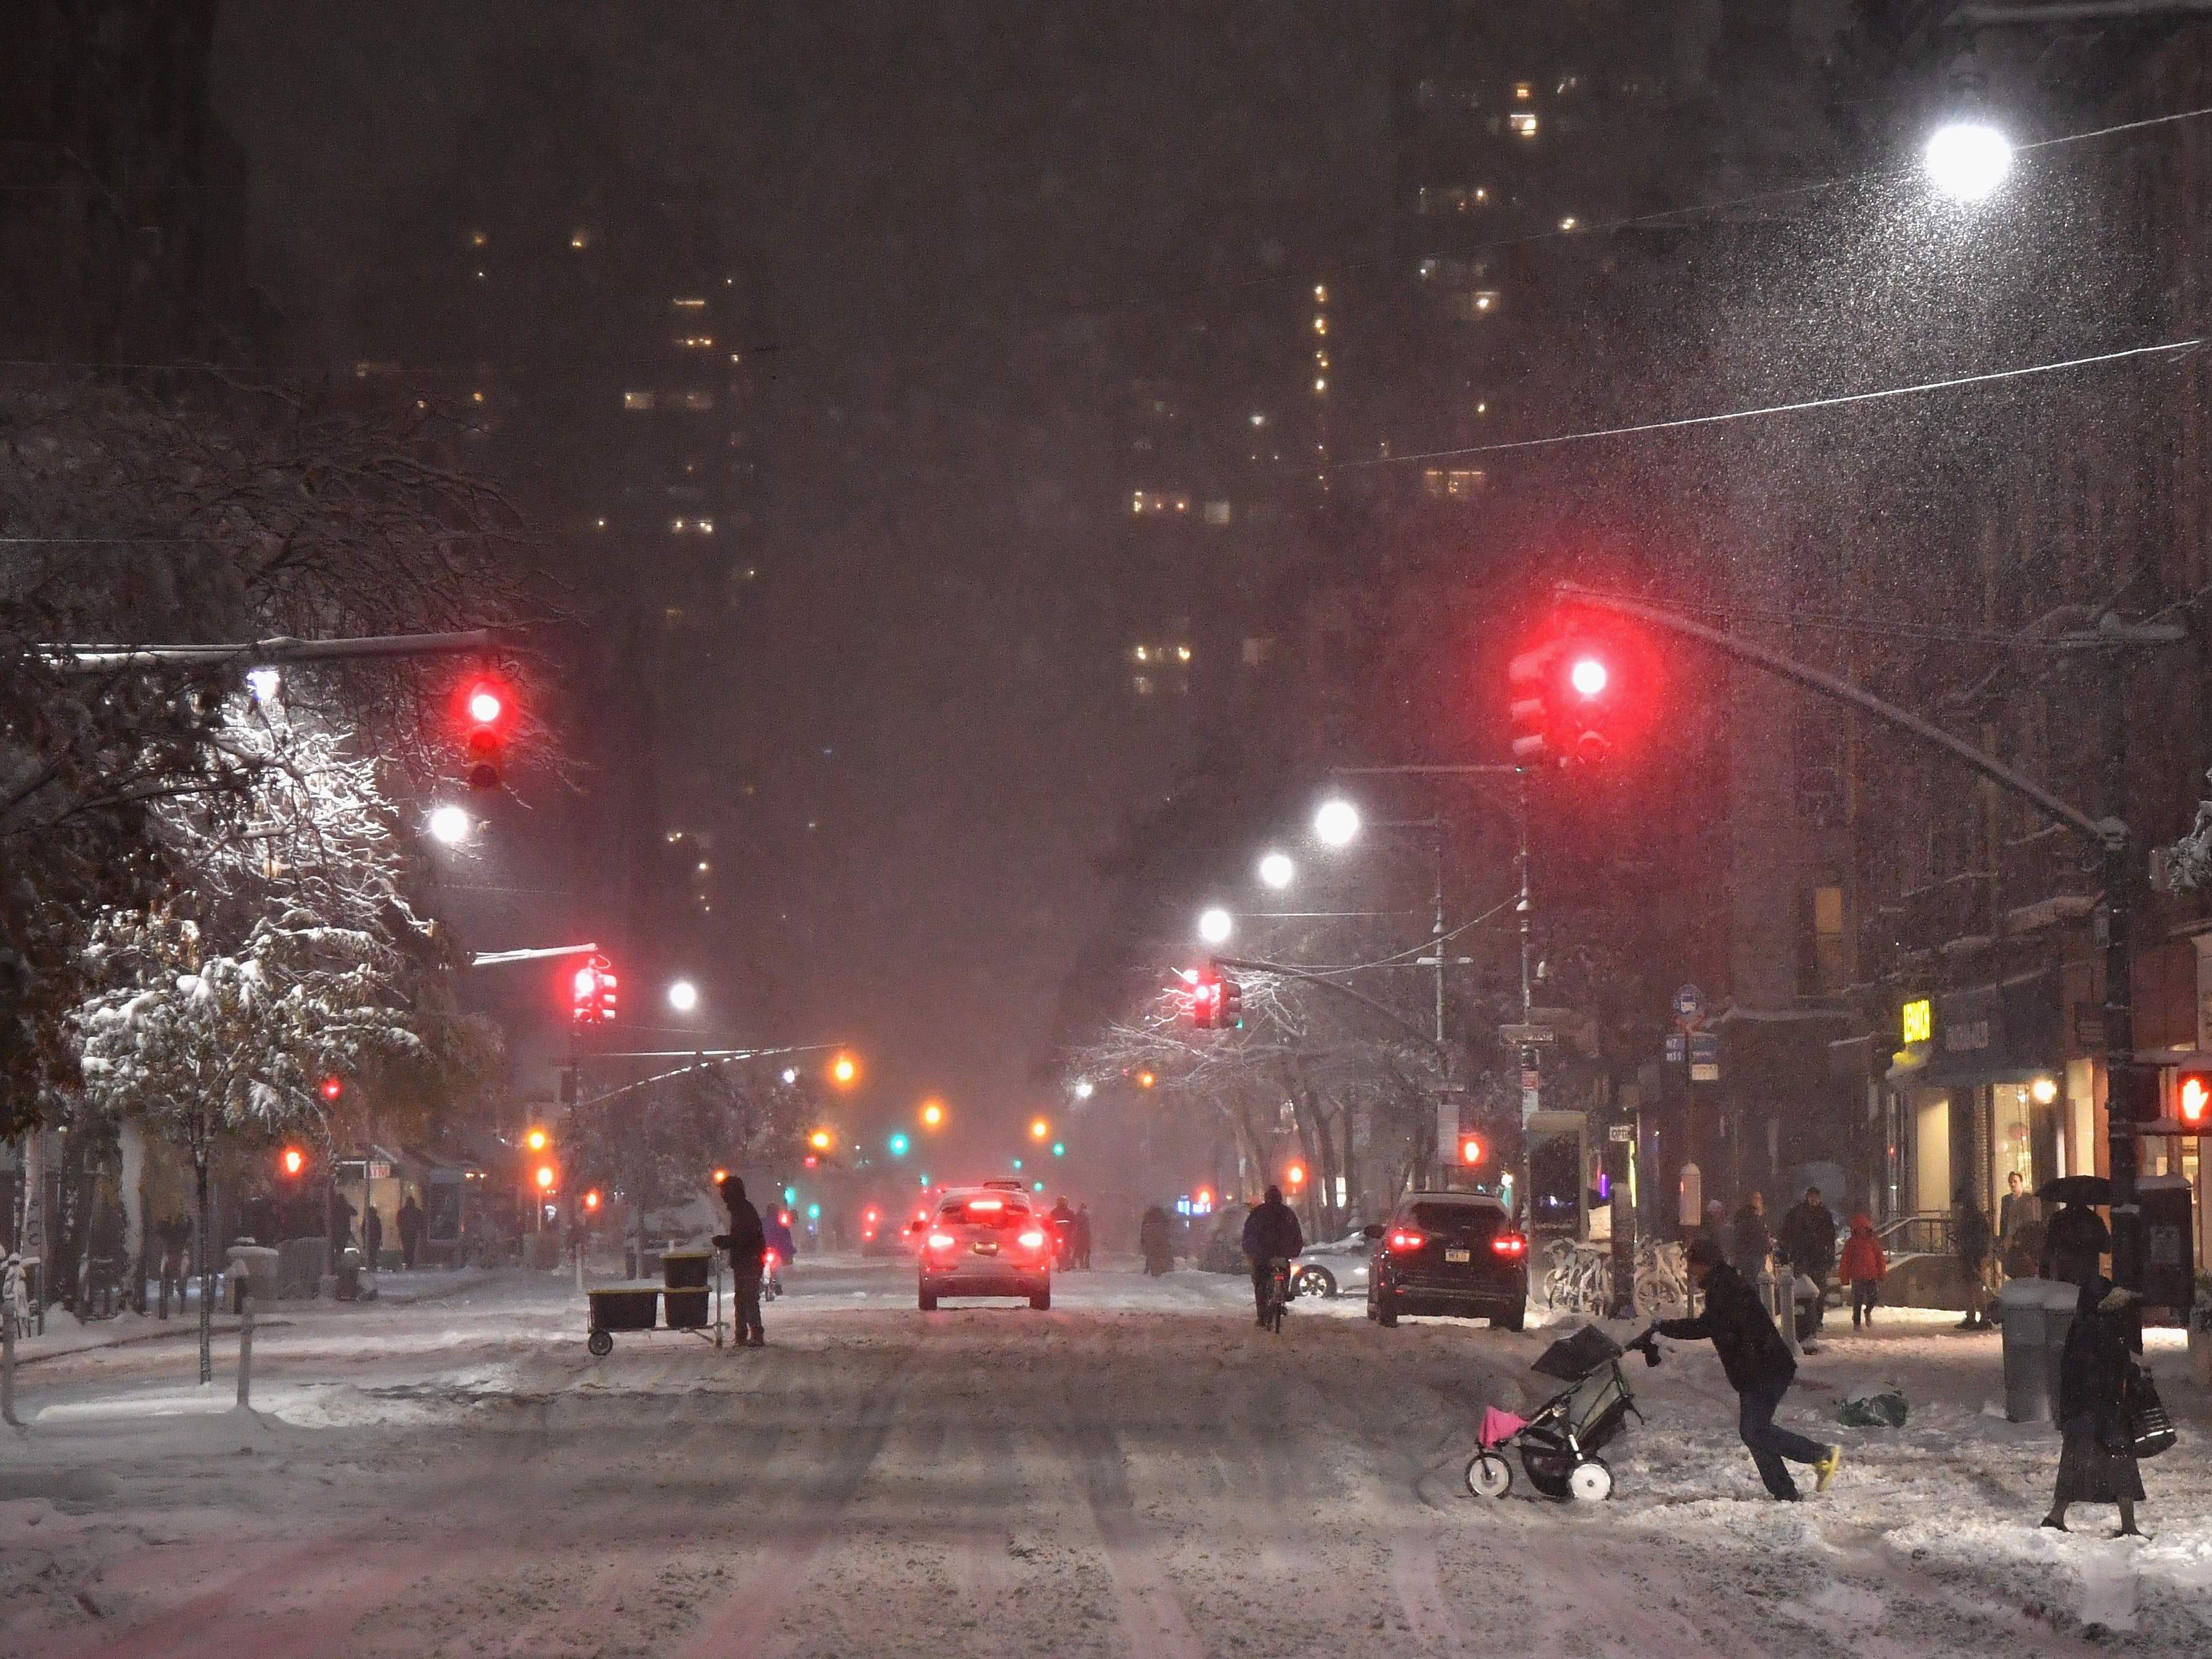 Pedestrians walk through snow in Manhattan on Nov. 15, 2018, in New York.